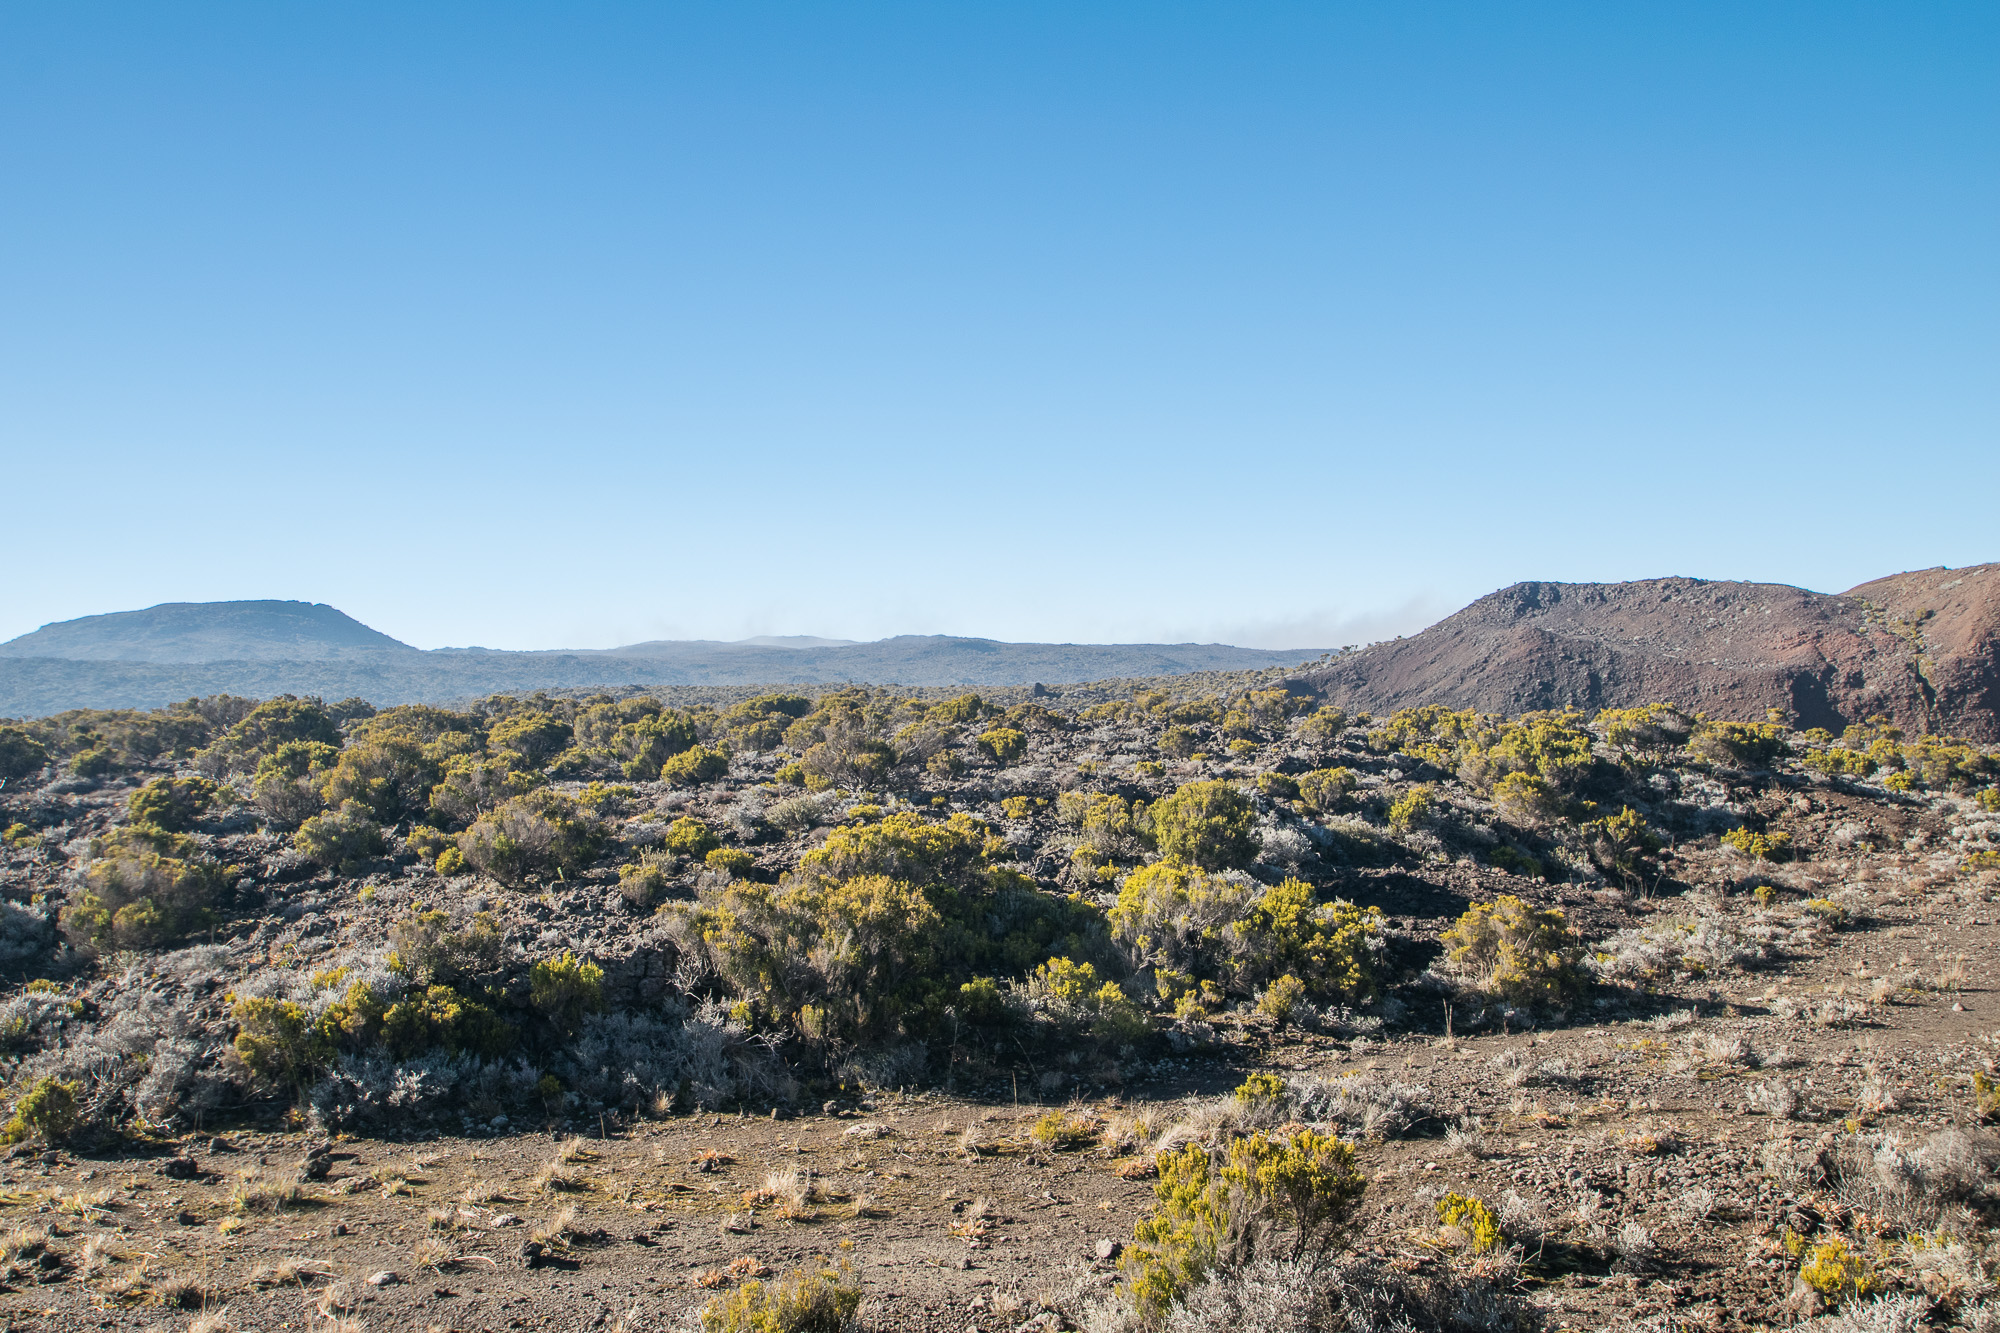 Pleine des sables, Piton de la Fournaise, La Réunion